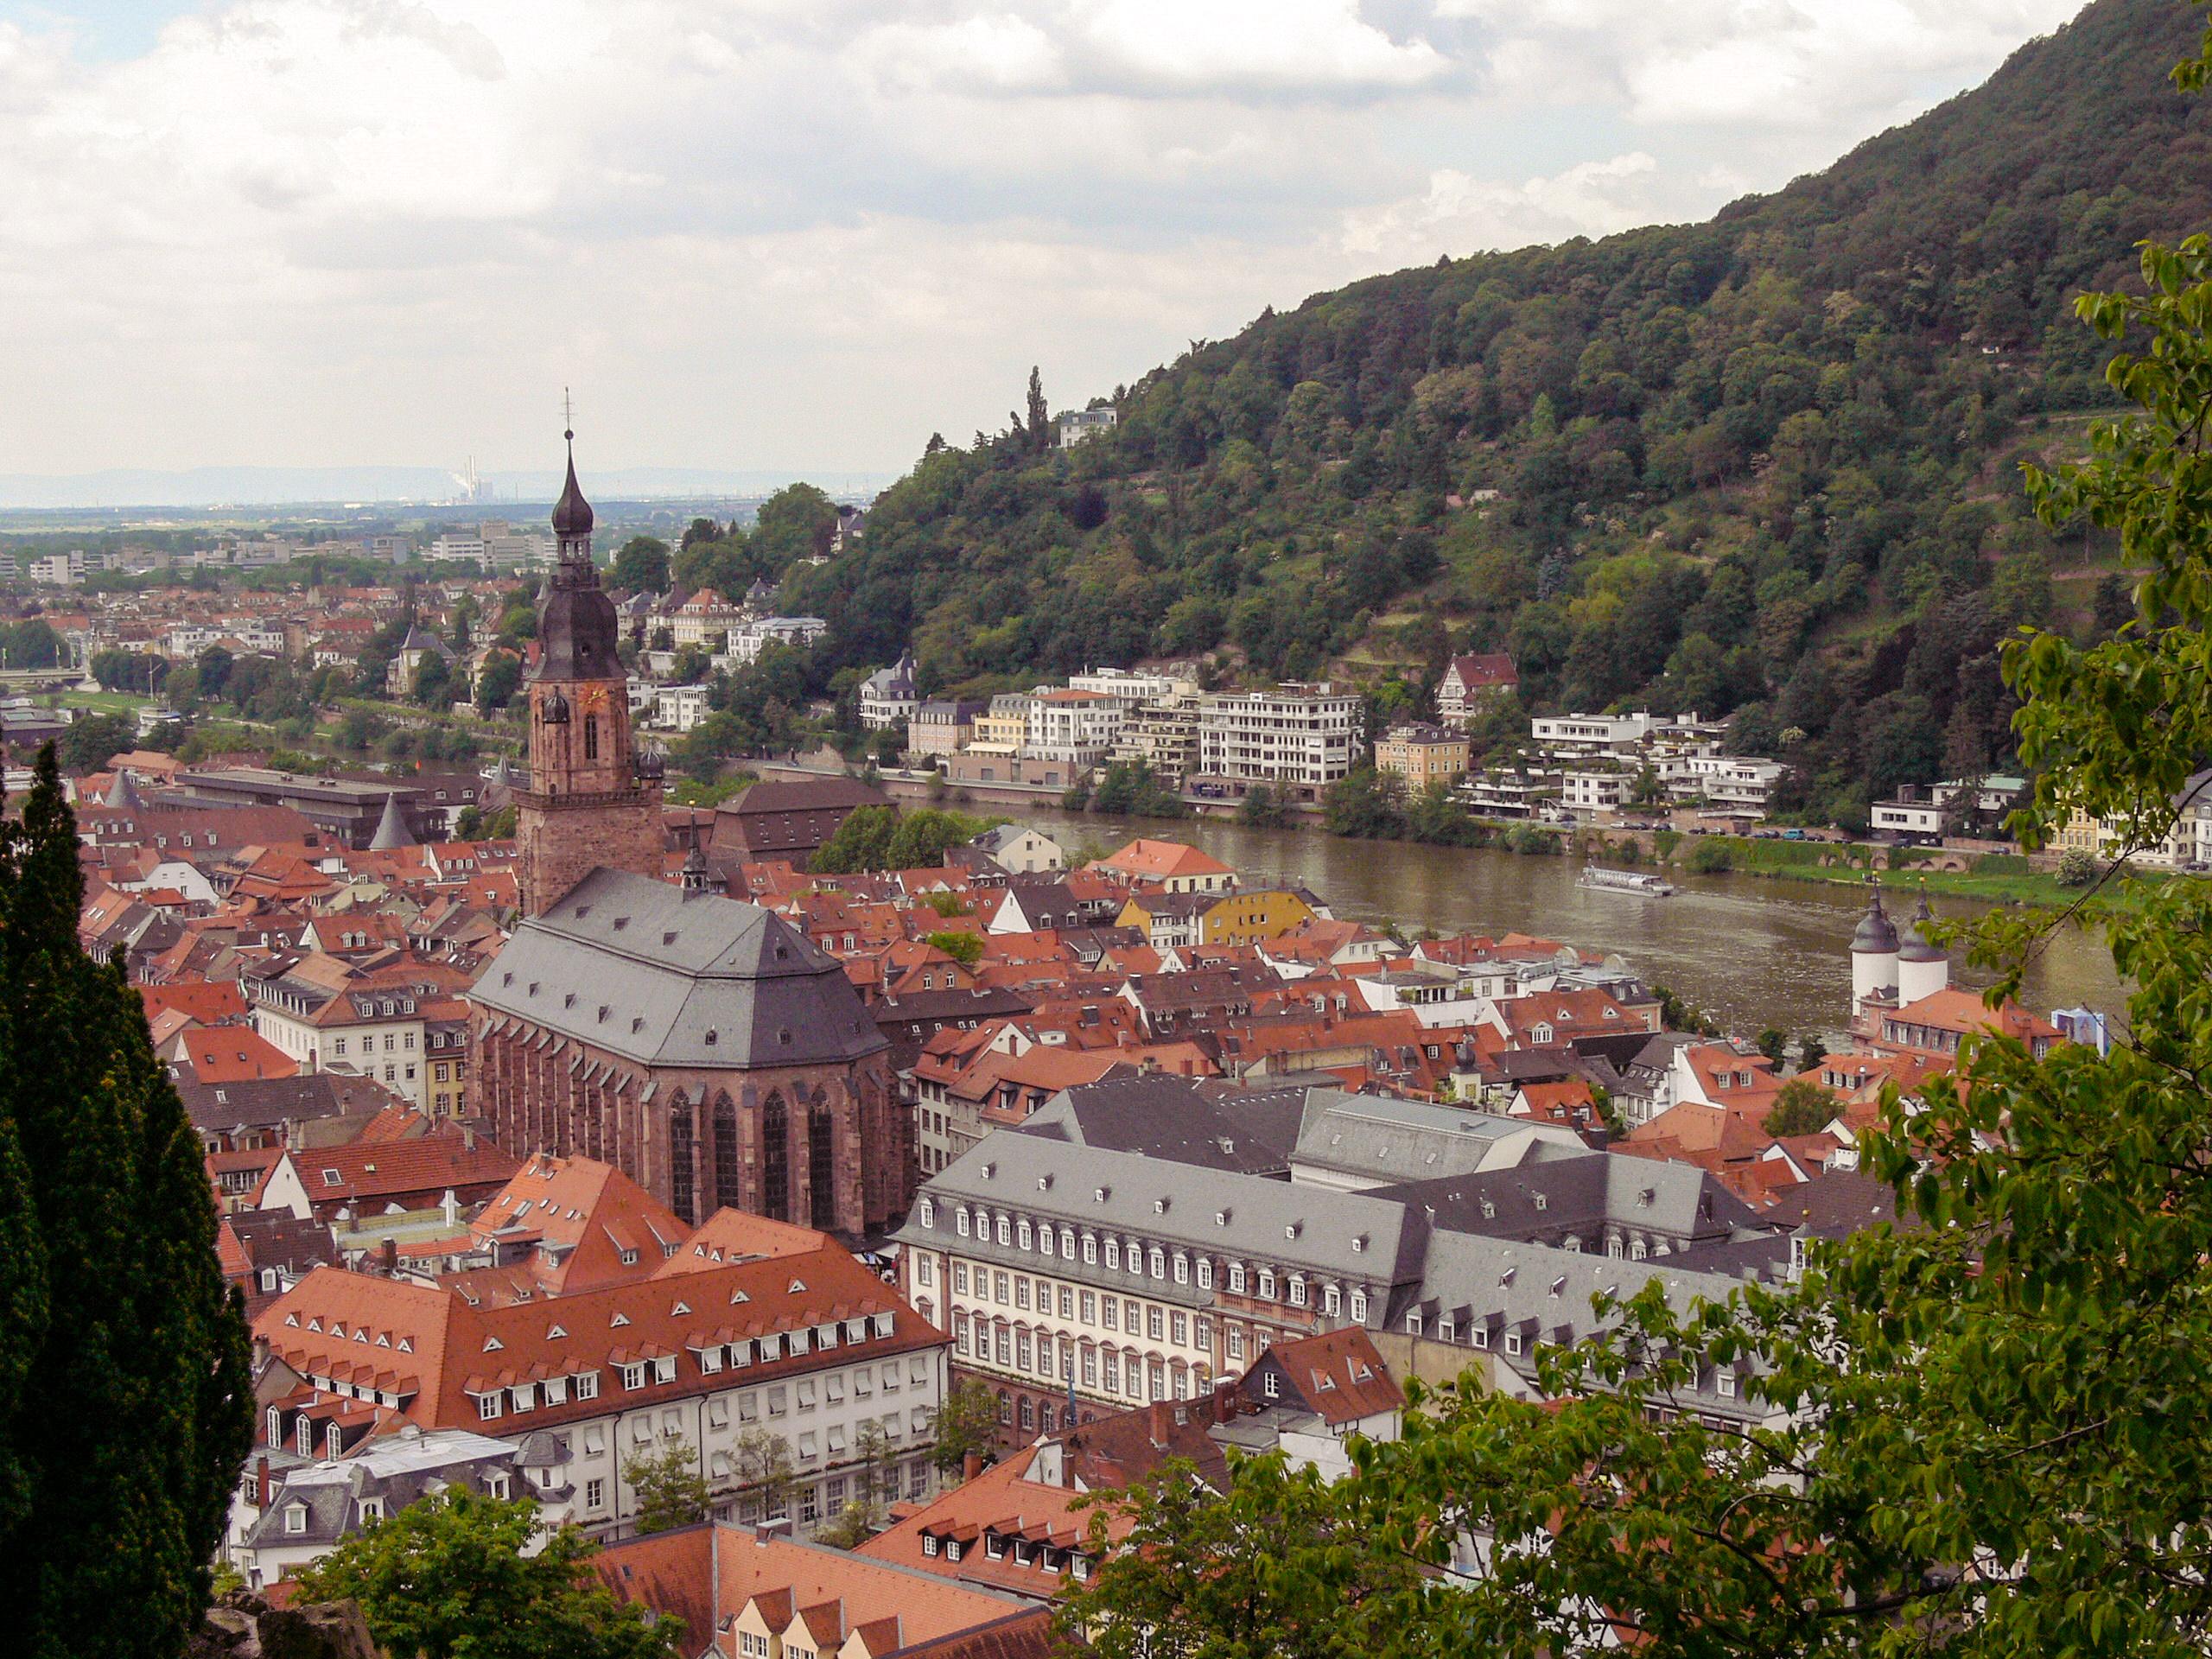 Blick auf Heidelberg (Bild: Der Weg)